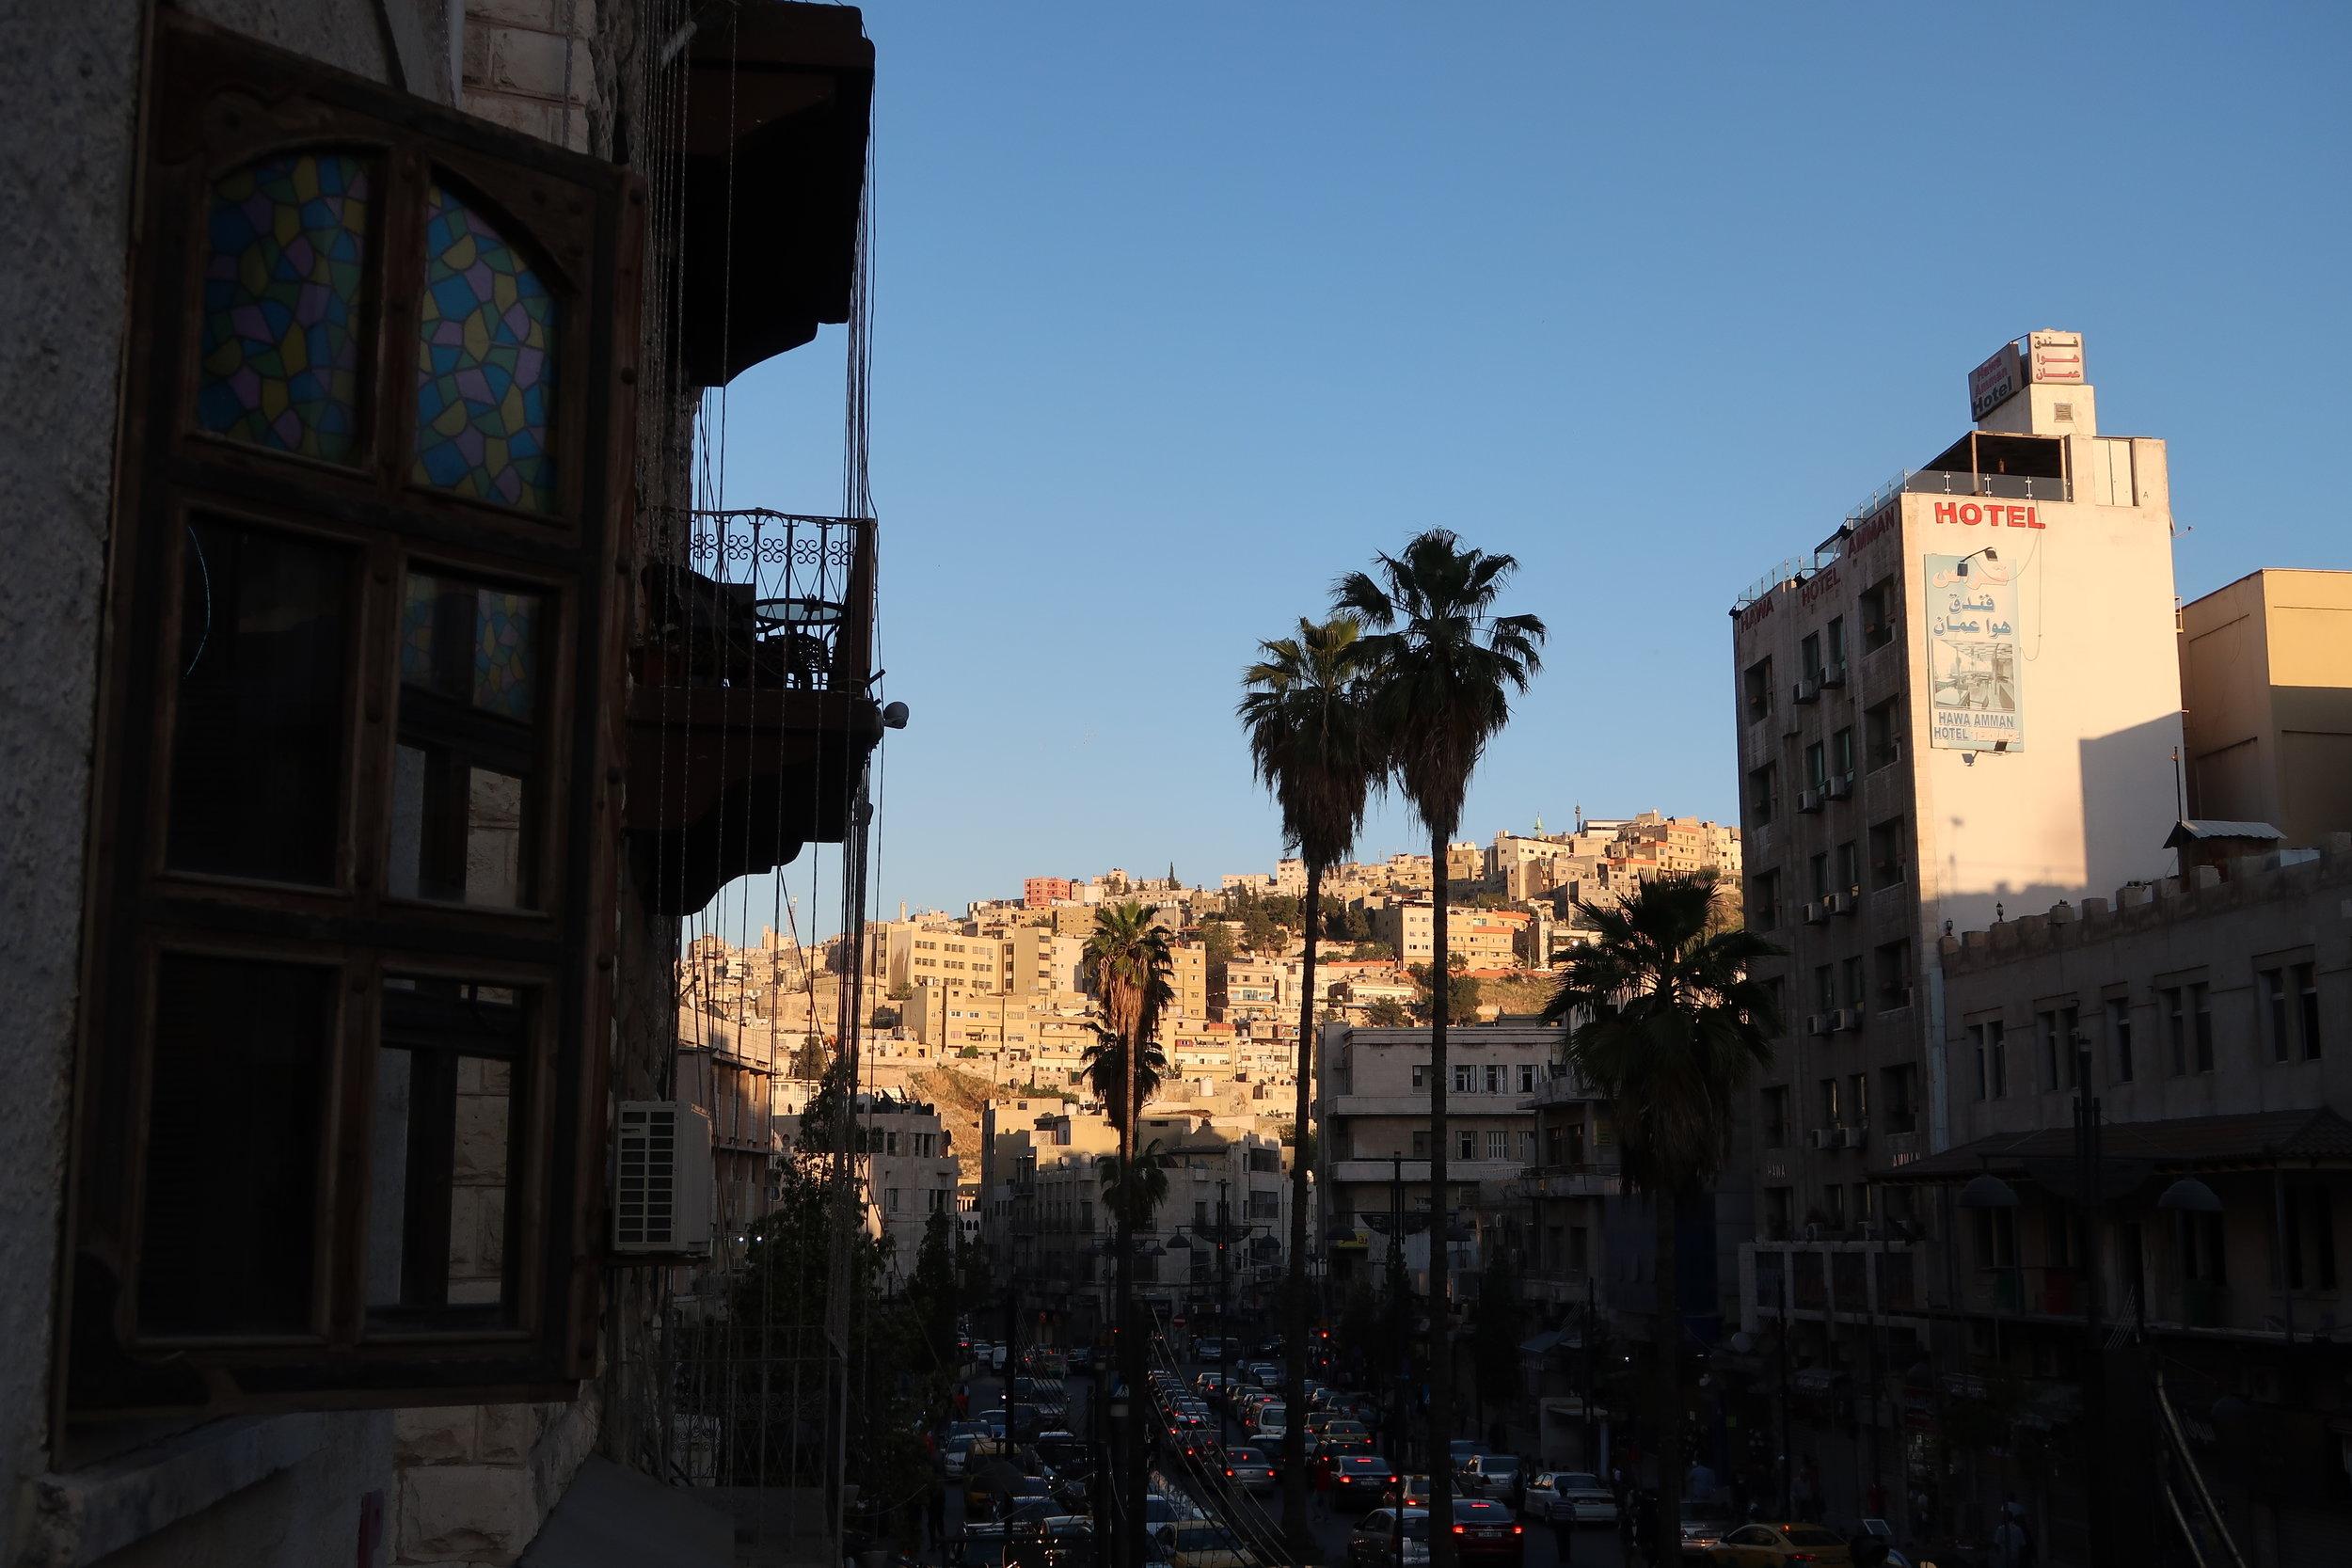 从咖啡馆阳台往左手边看到大街上的车辆,以及山丘上的房屋